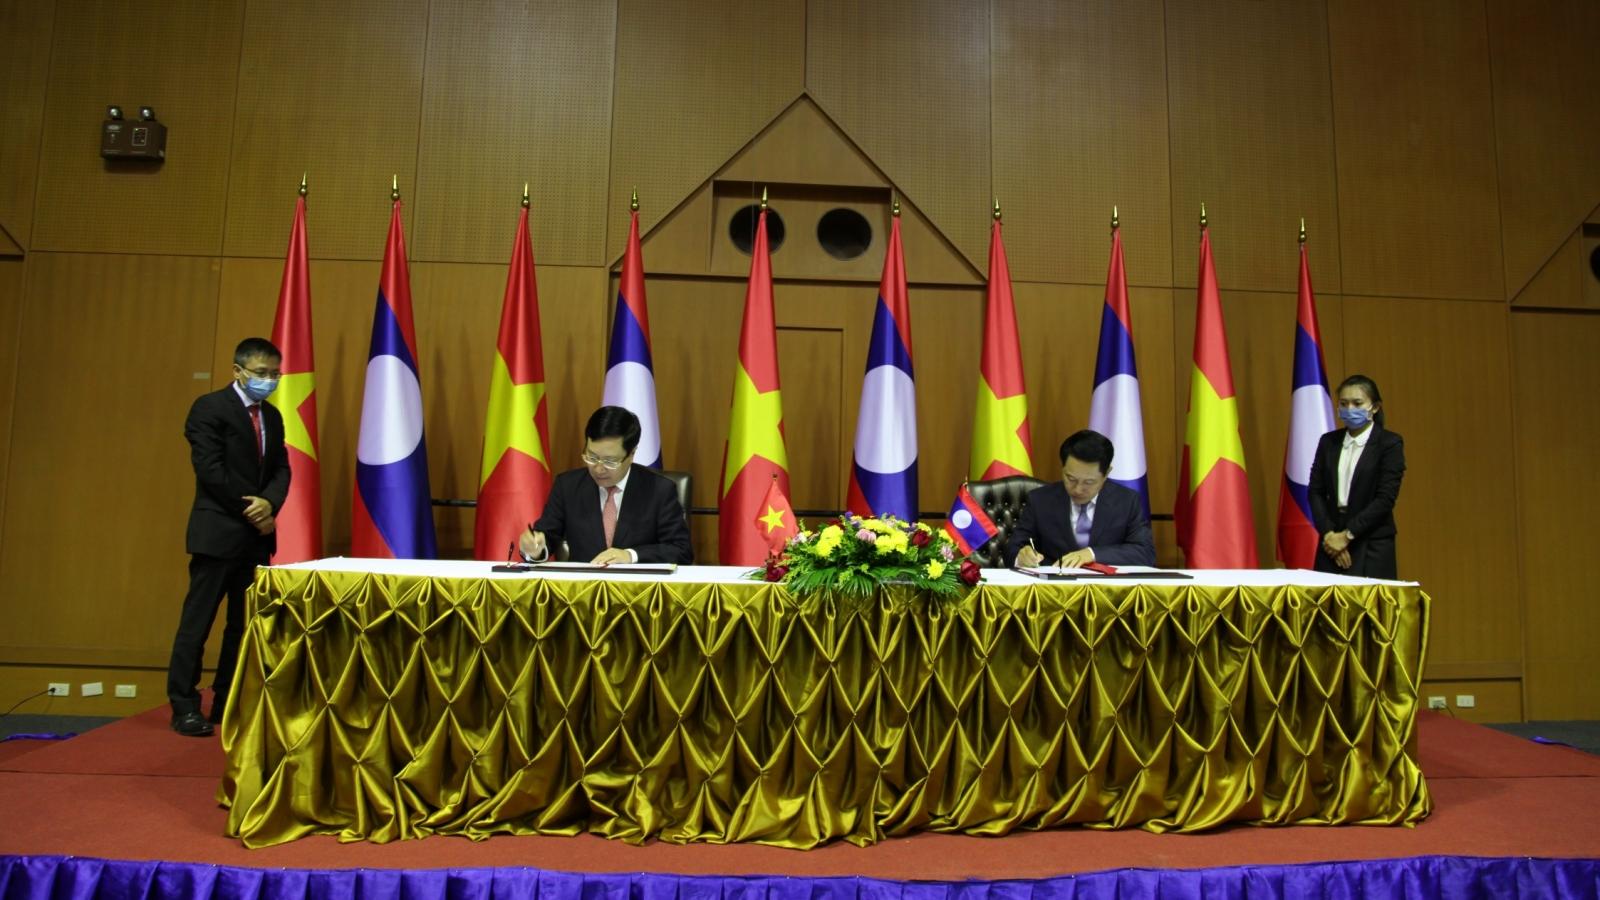 Phó Thủ tướng, Bộ trưởng Ngoại giao Phạm Bình Minh thăm Lào